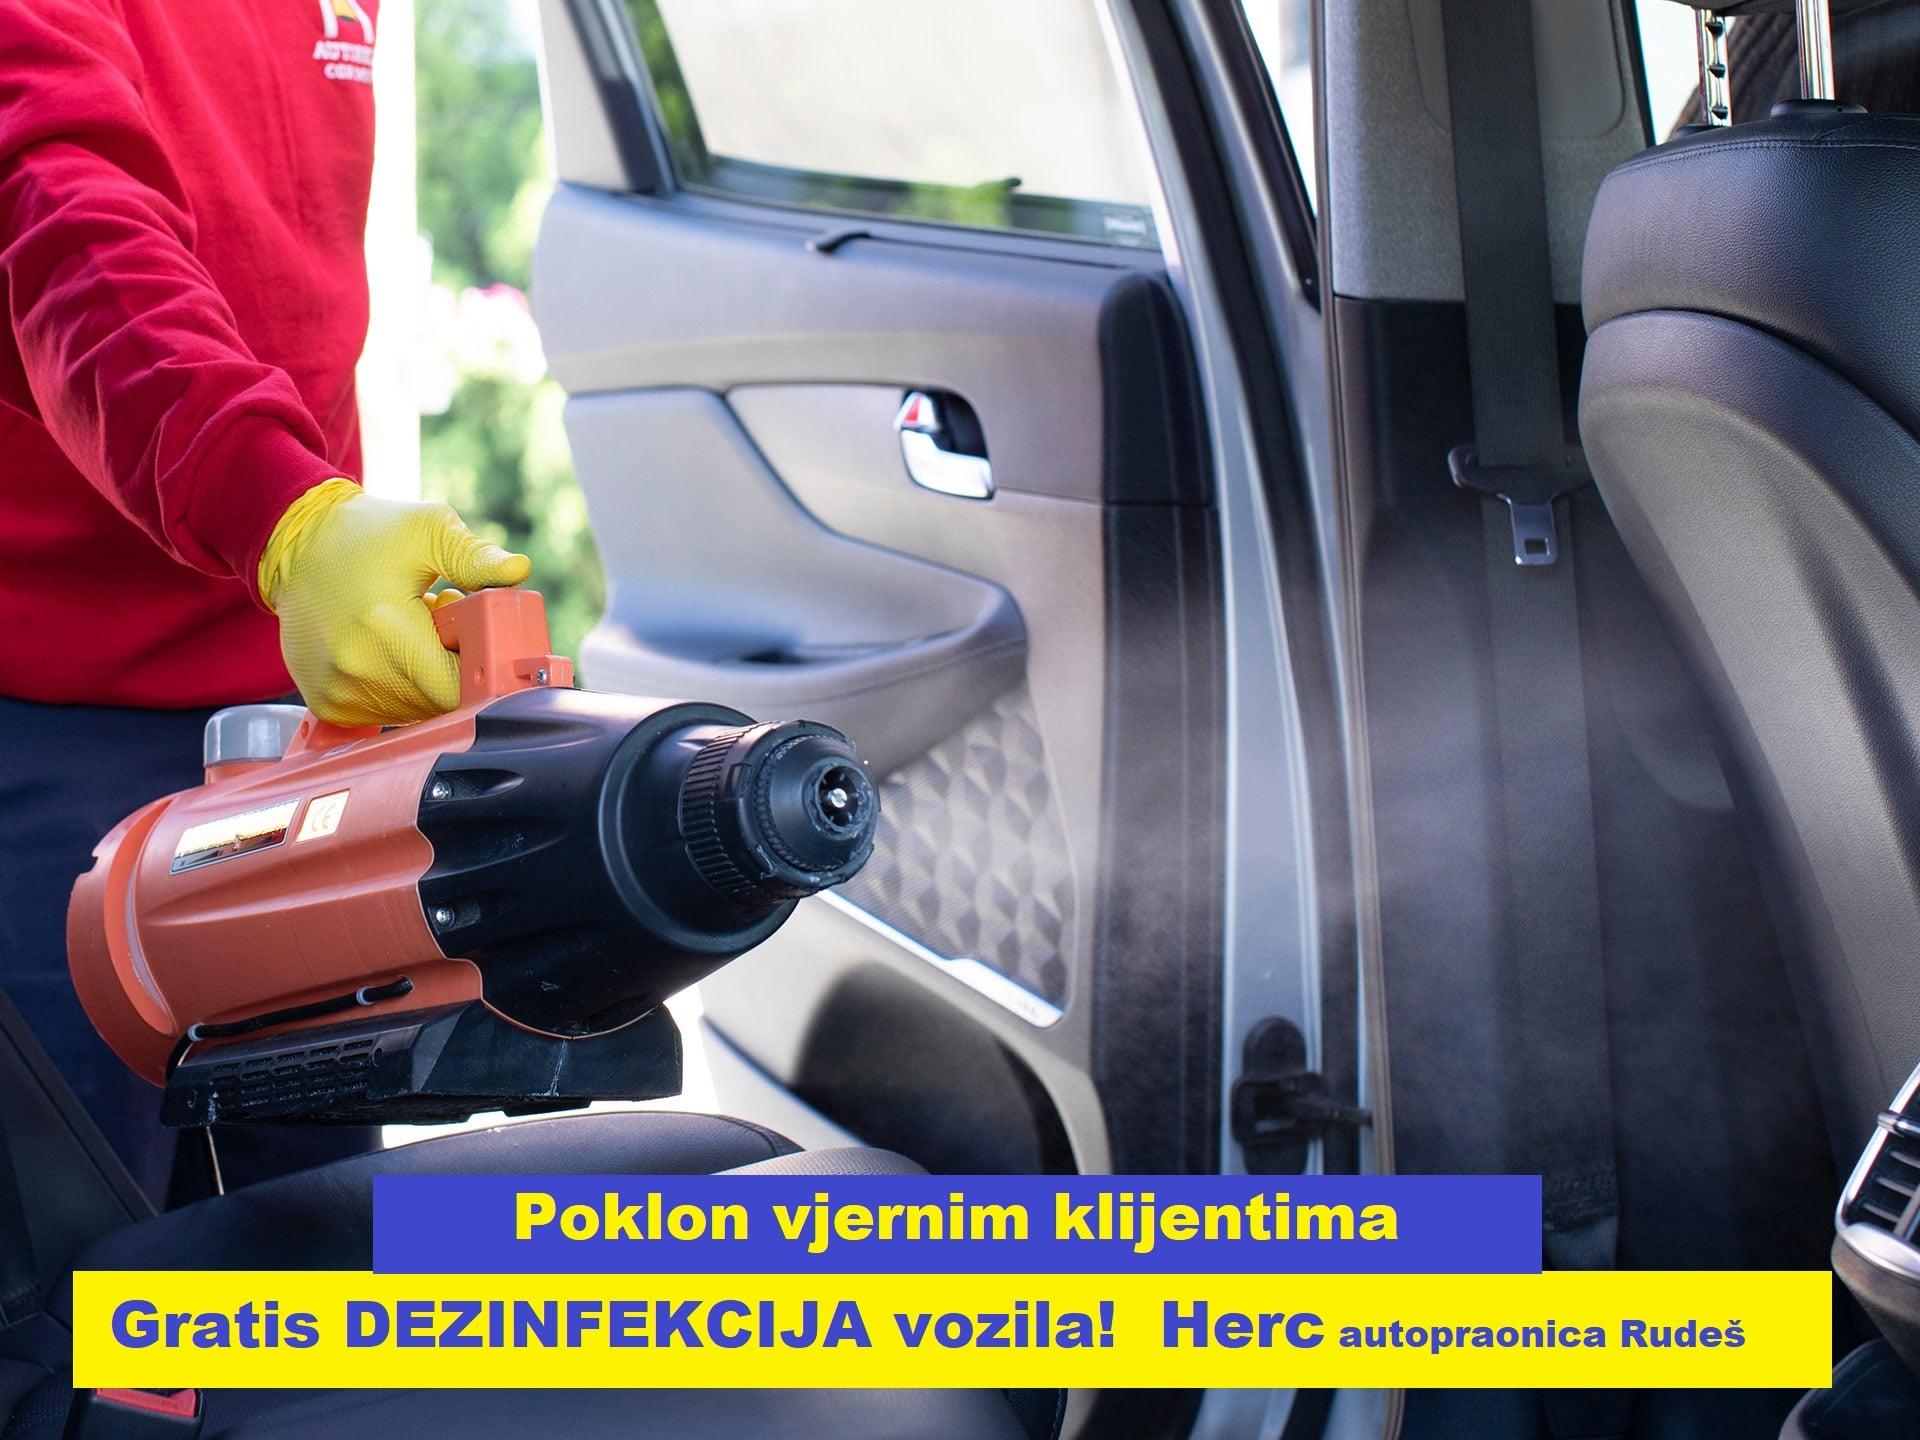 Gratis dezinfekcija vozila!